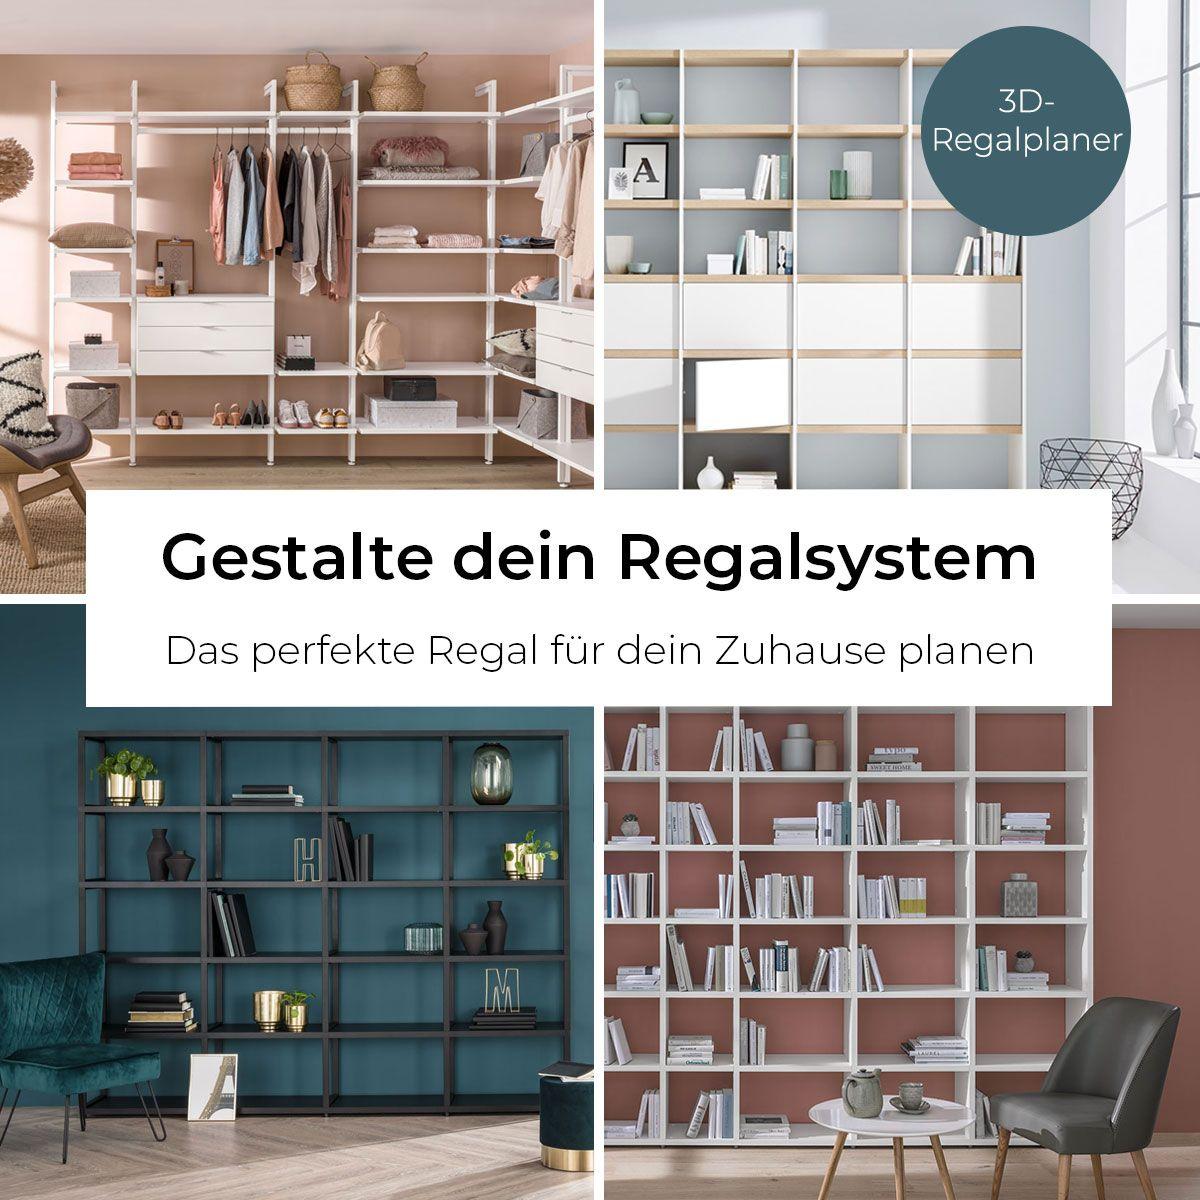 Gestalte dein perfektes Regalsystem - für Wohnzimmer